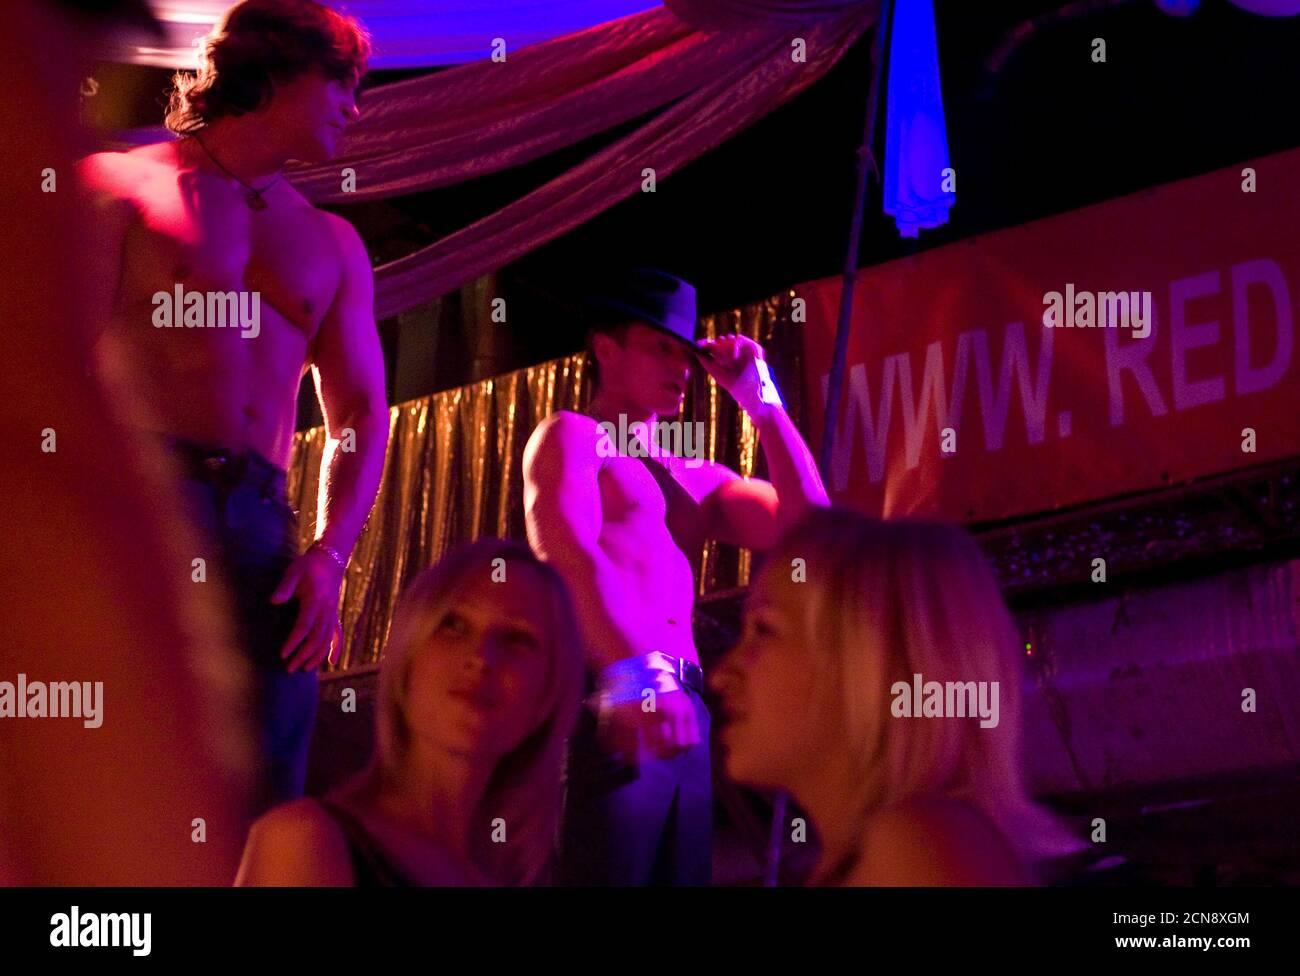 Стриптиз клуб 2007 владивосток ночные клубы